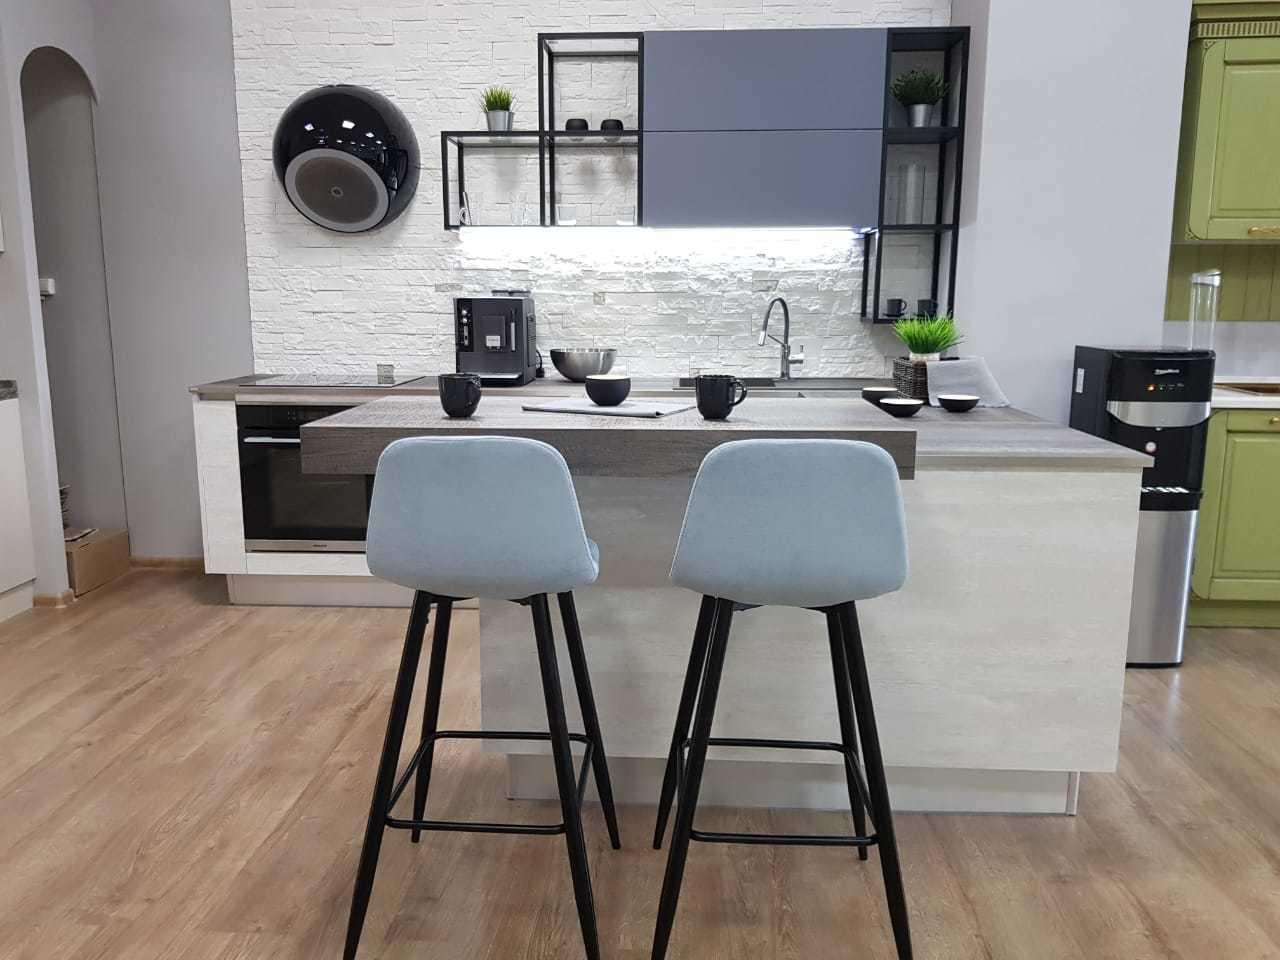 Барные стулья ESF 350B голубой/черный